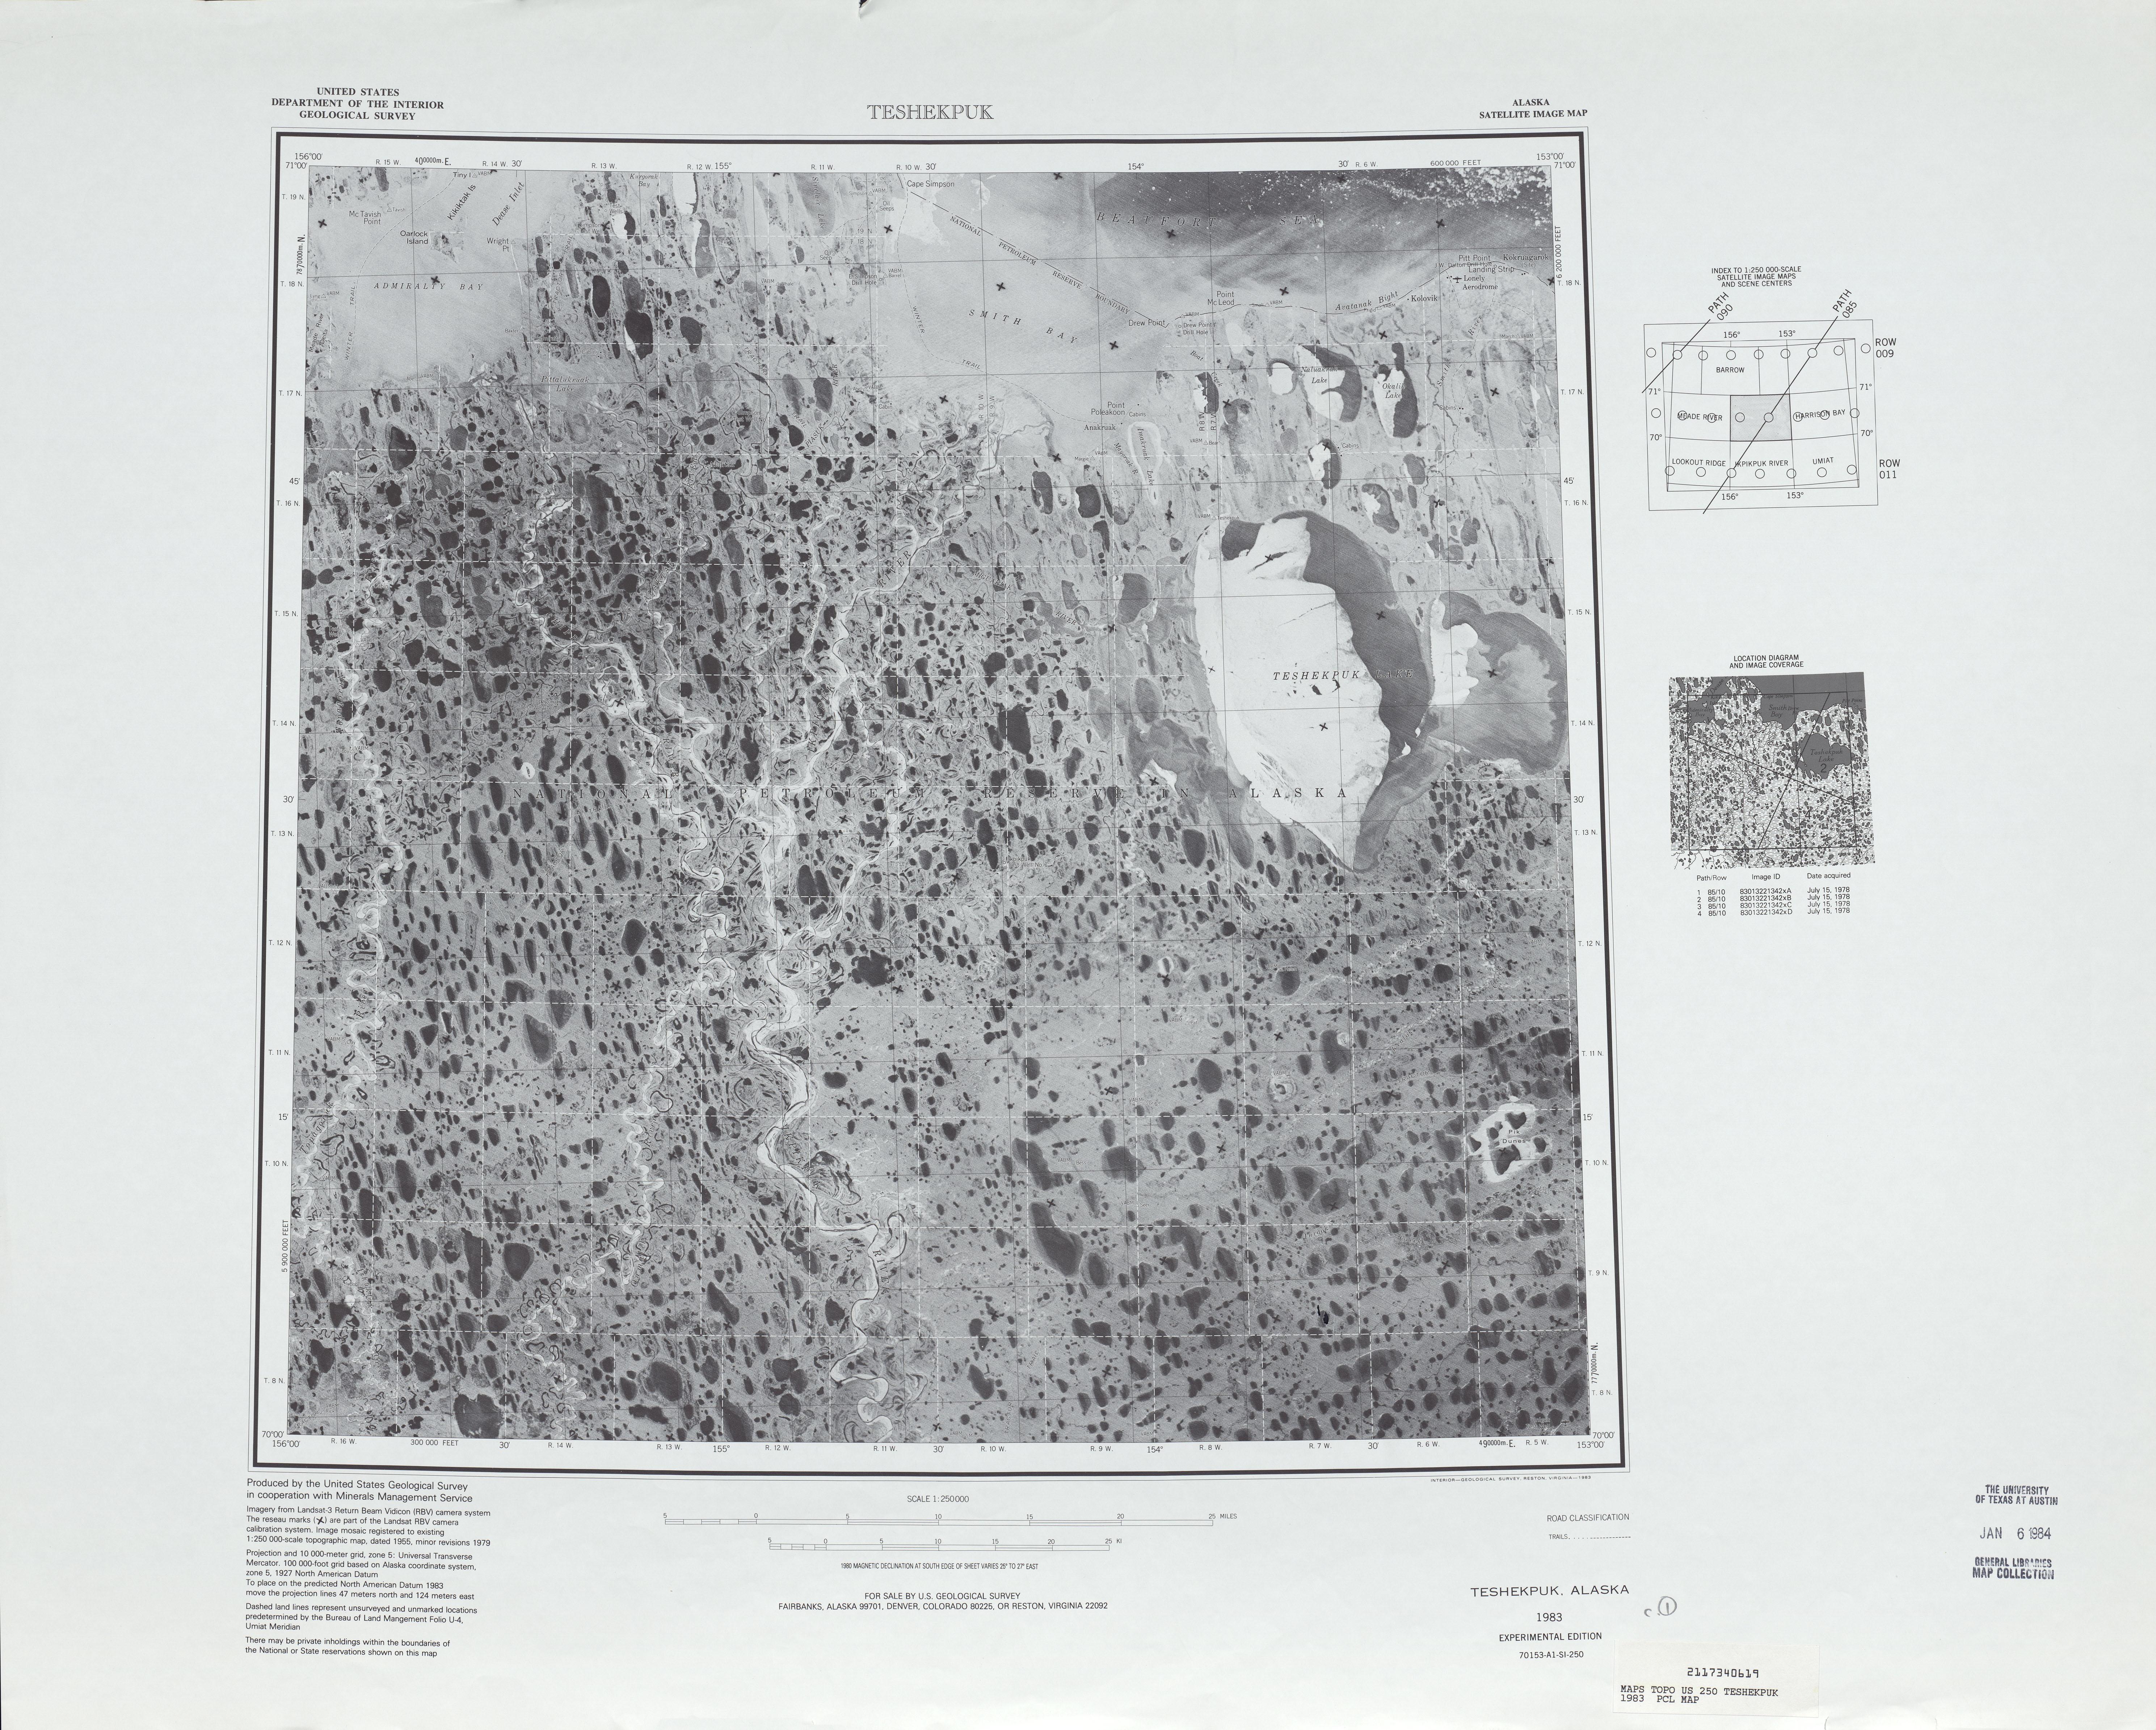 Teshekpuk Satellite Image Sheet, United States 1983